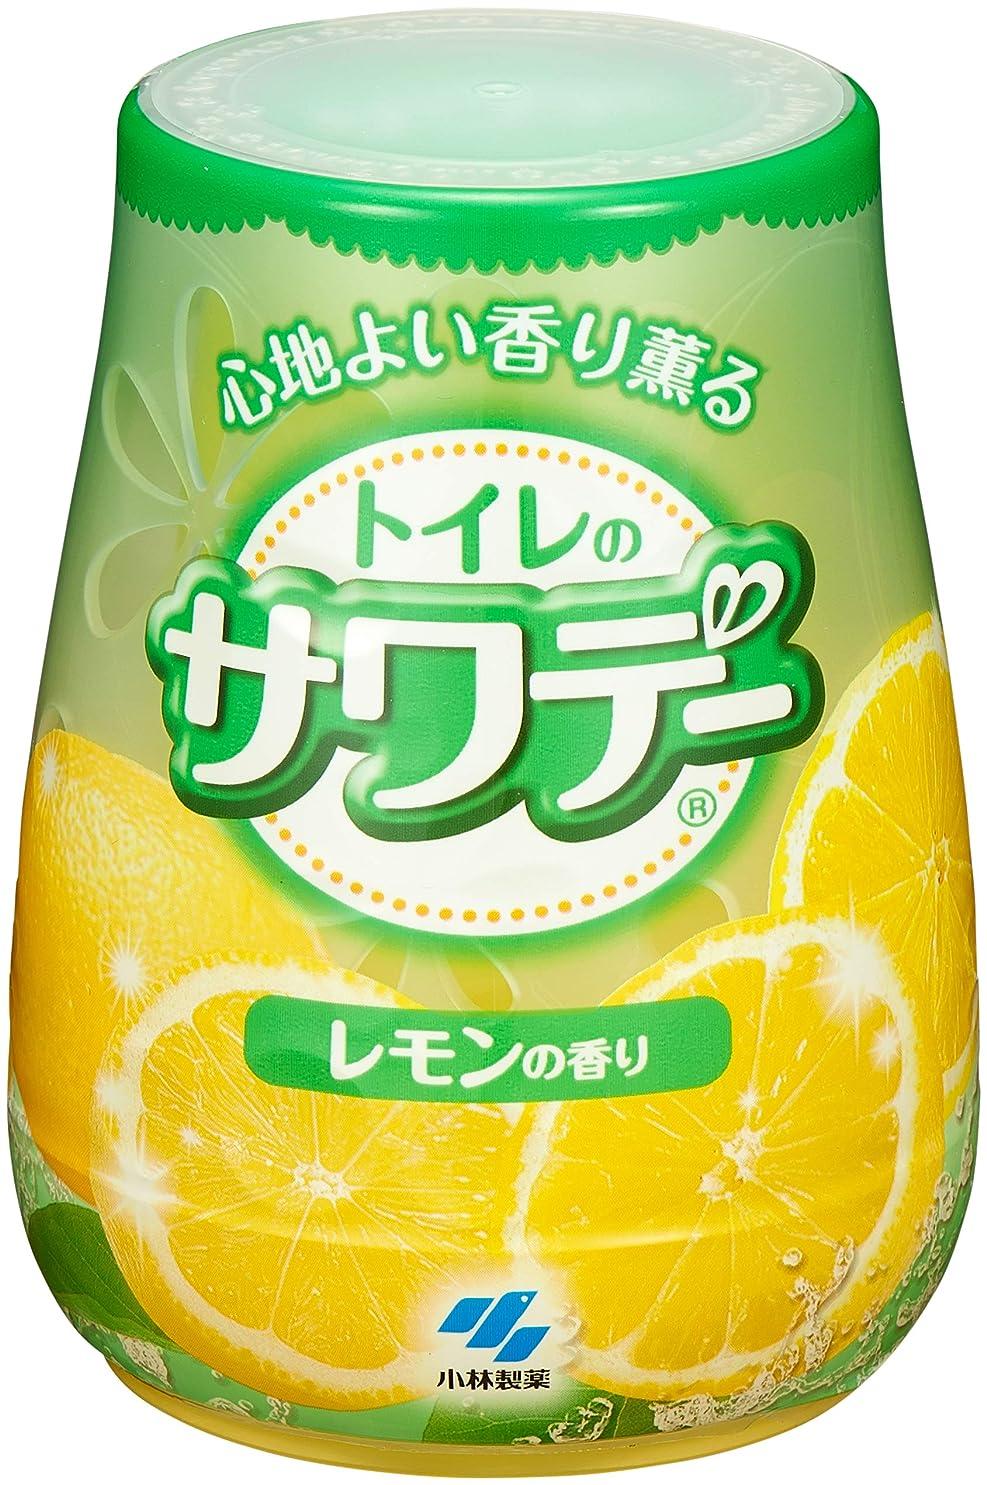 またはどちらかアトラス剃るサワデー 消臭芳香剤 トイレ用 本体 気分すっきりレモンの香り 140g